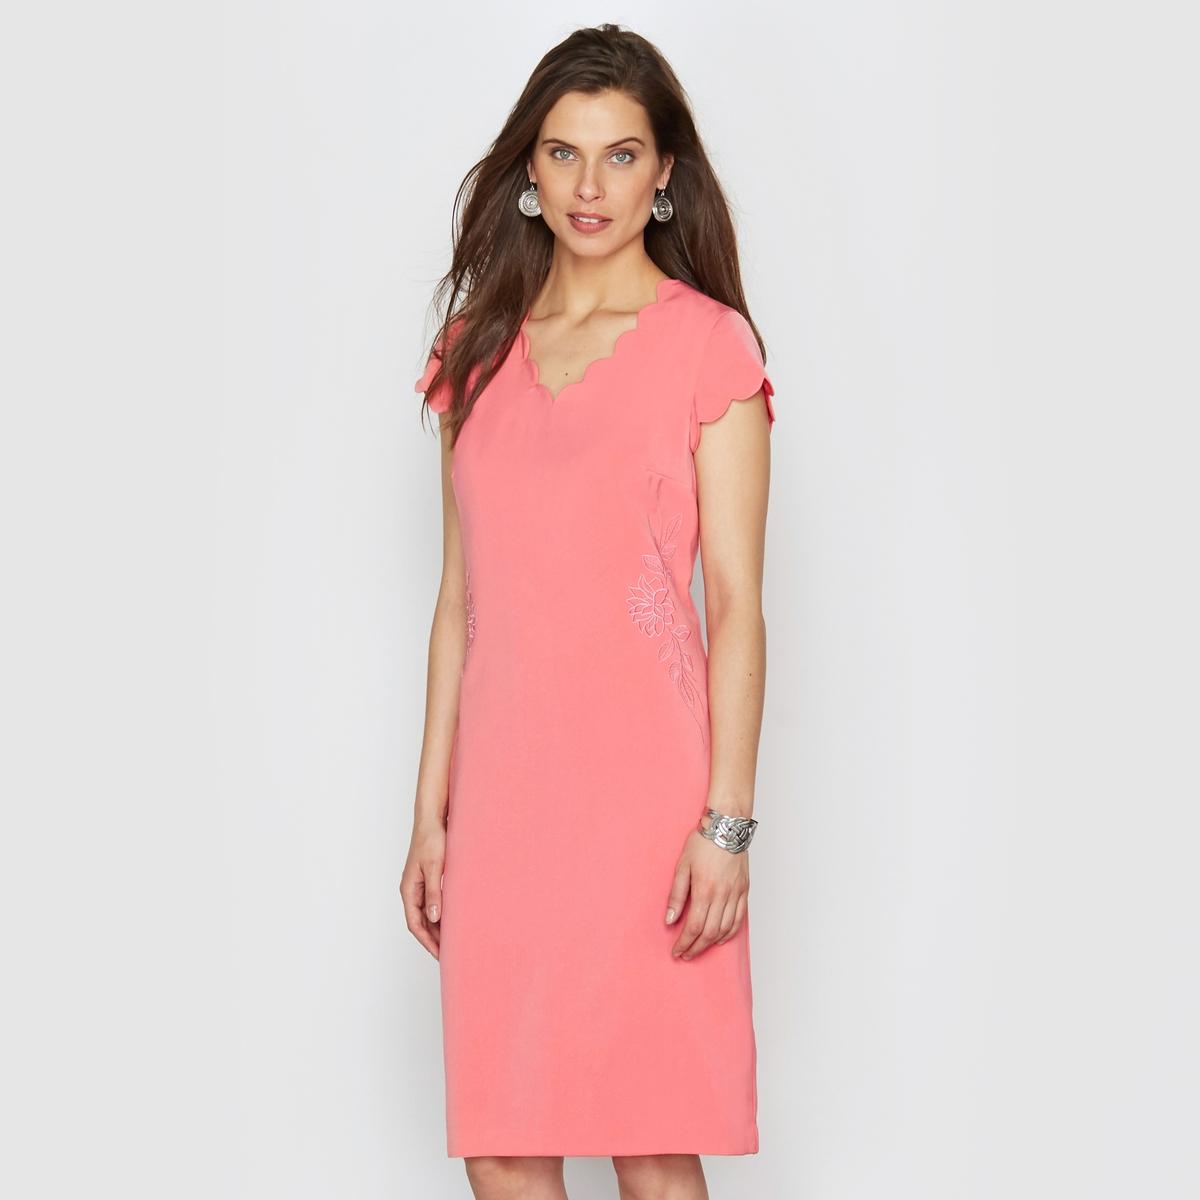 Платье из крепаОчень женственное платье с вырезом, короткими рукавами и отделкой краев фестонами  . Однотонная вышивка украшает платье на уровне пояса   . Красивые отрезные детали сзади подчеркивают стройный силуэт . Шлица сзади. Подкладка из полиэстера. Длина. 95 см. Креп, 100% полиэстера.<br><br>Цвет: коралловый,черный<br>Размер: 40 (FR) - 46 (RUS).40 (FR) - 46 (RUS)